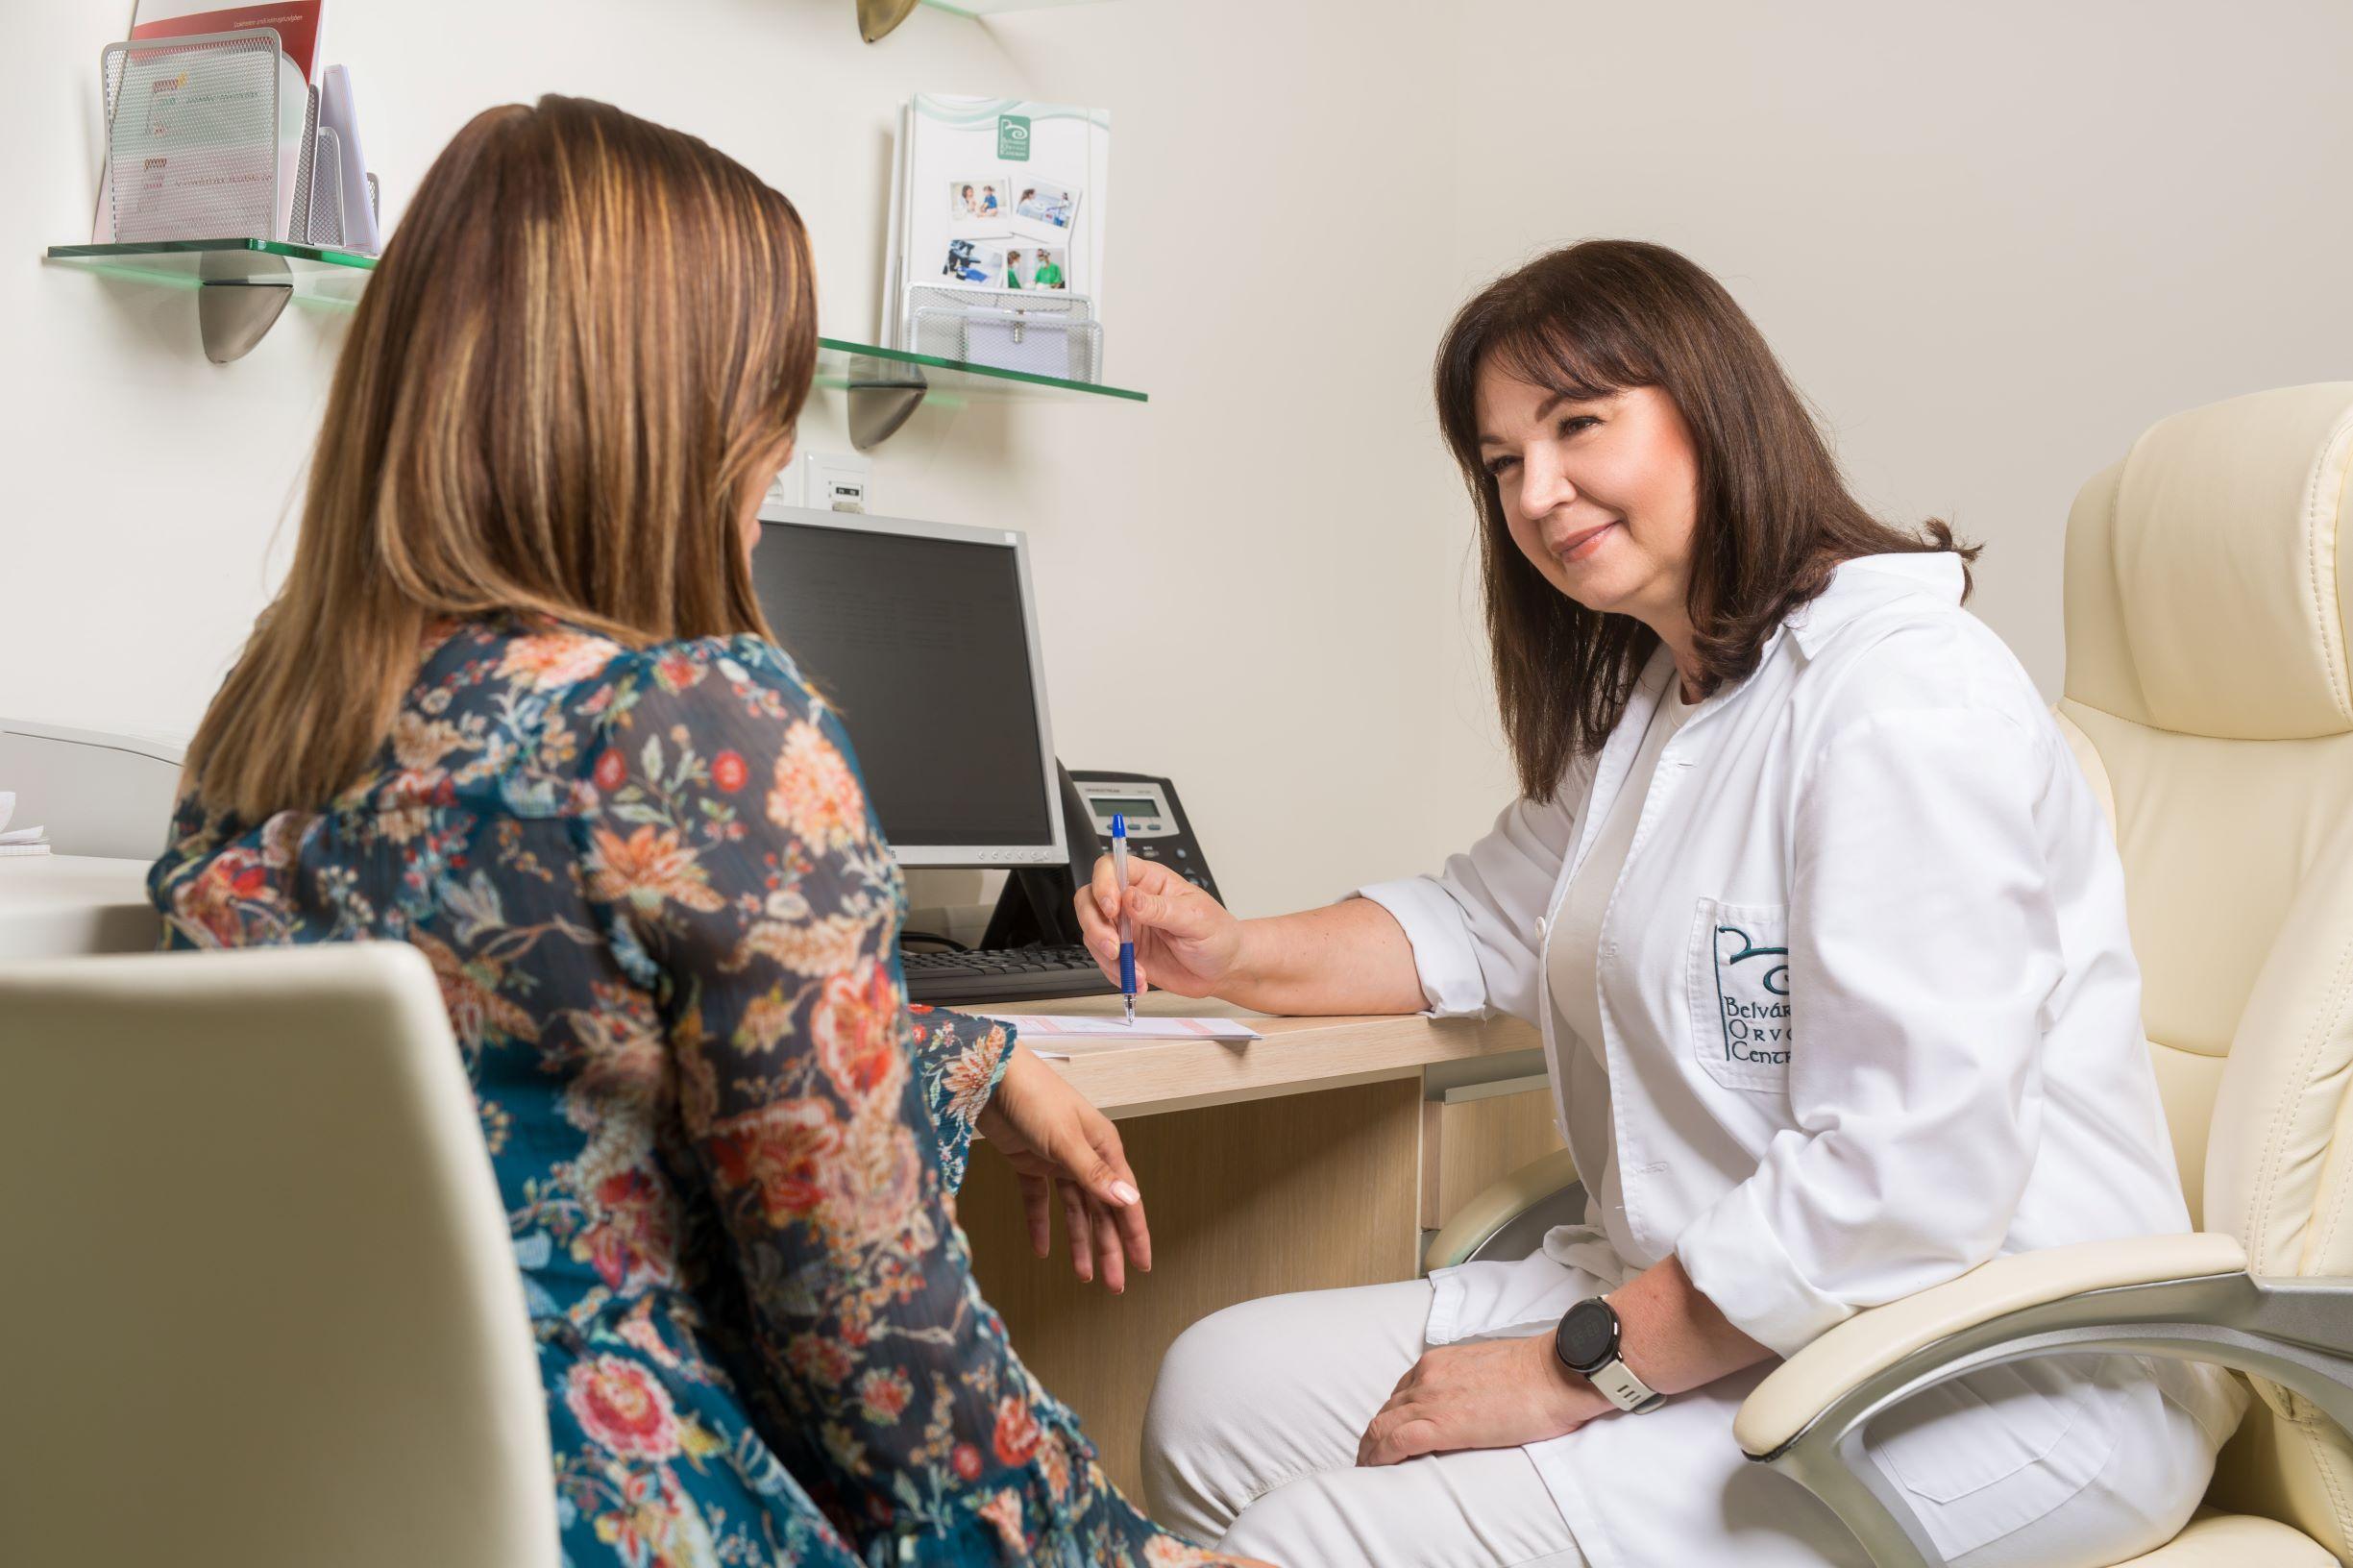 biofeedback, Kismedencei rehabilitáció, Inkontinencia, depresszió - Bioeedback kezelés, Budapest